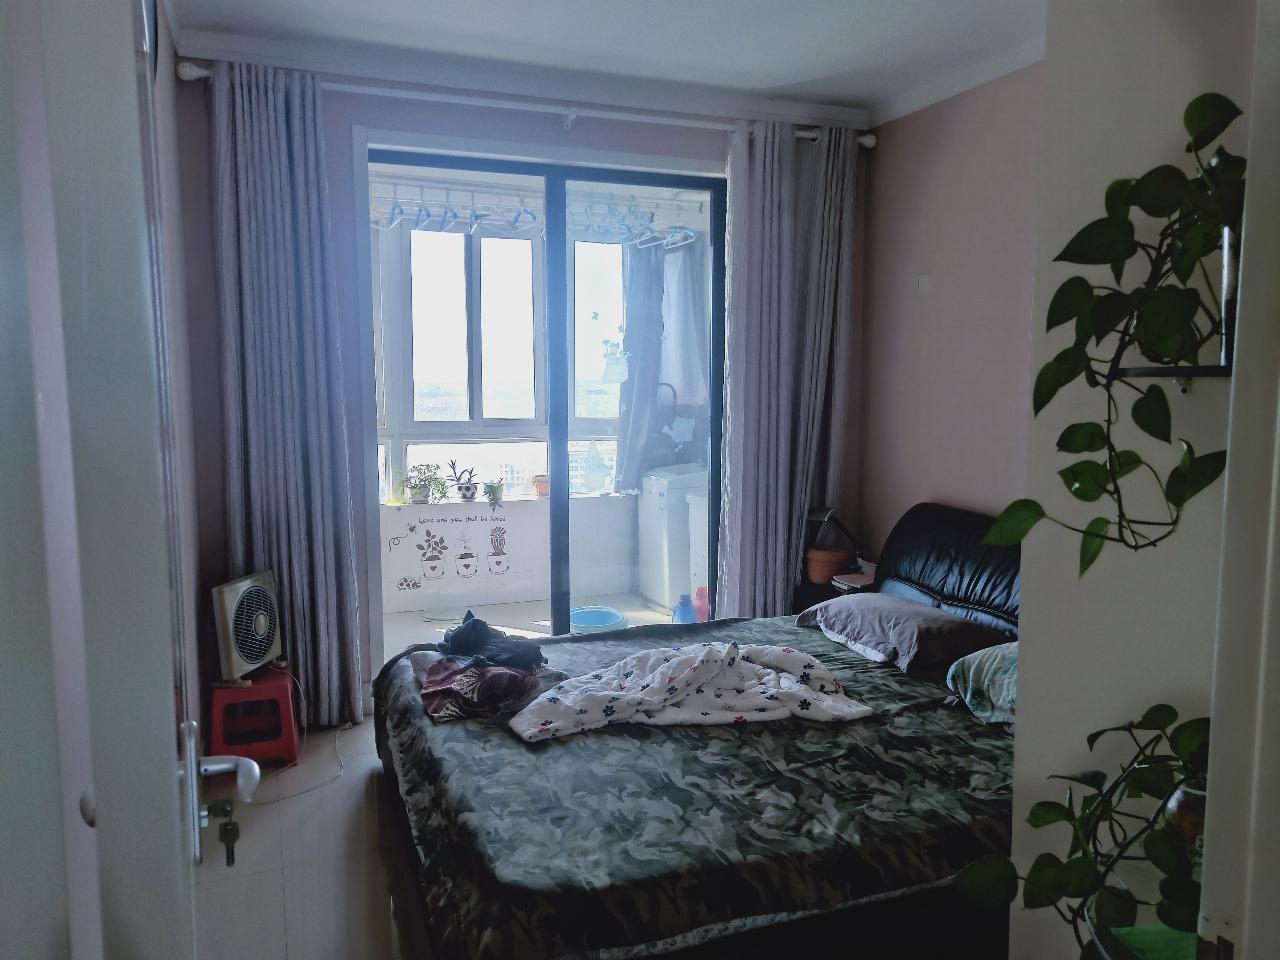 昊宇小区3室2厅1卫100万元中等装修